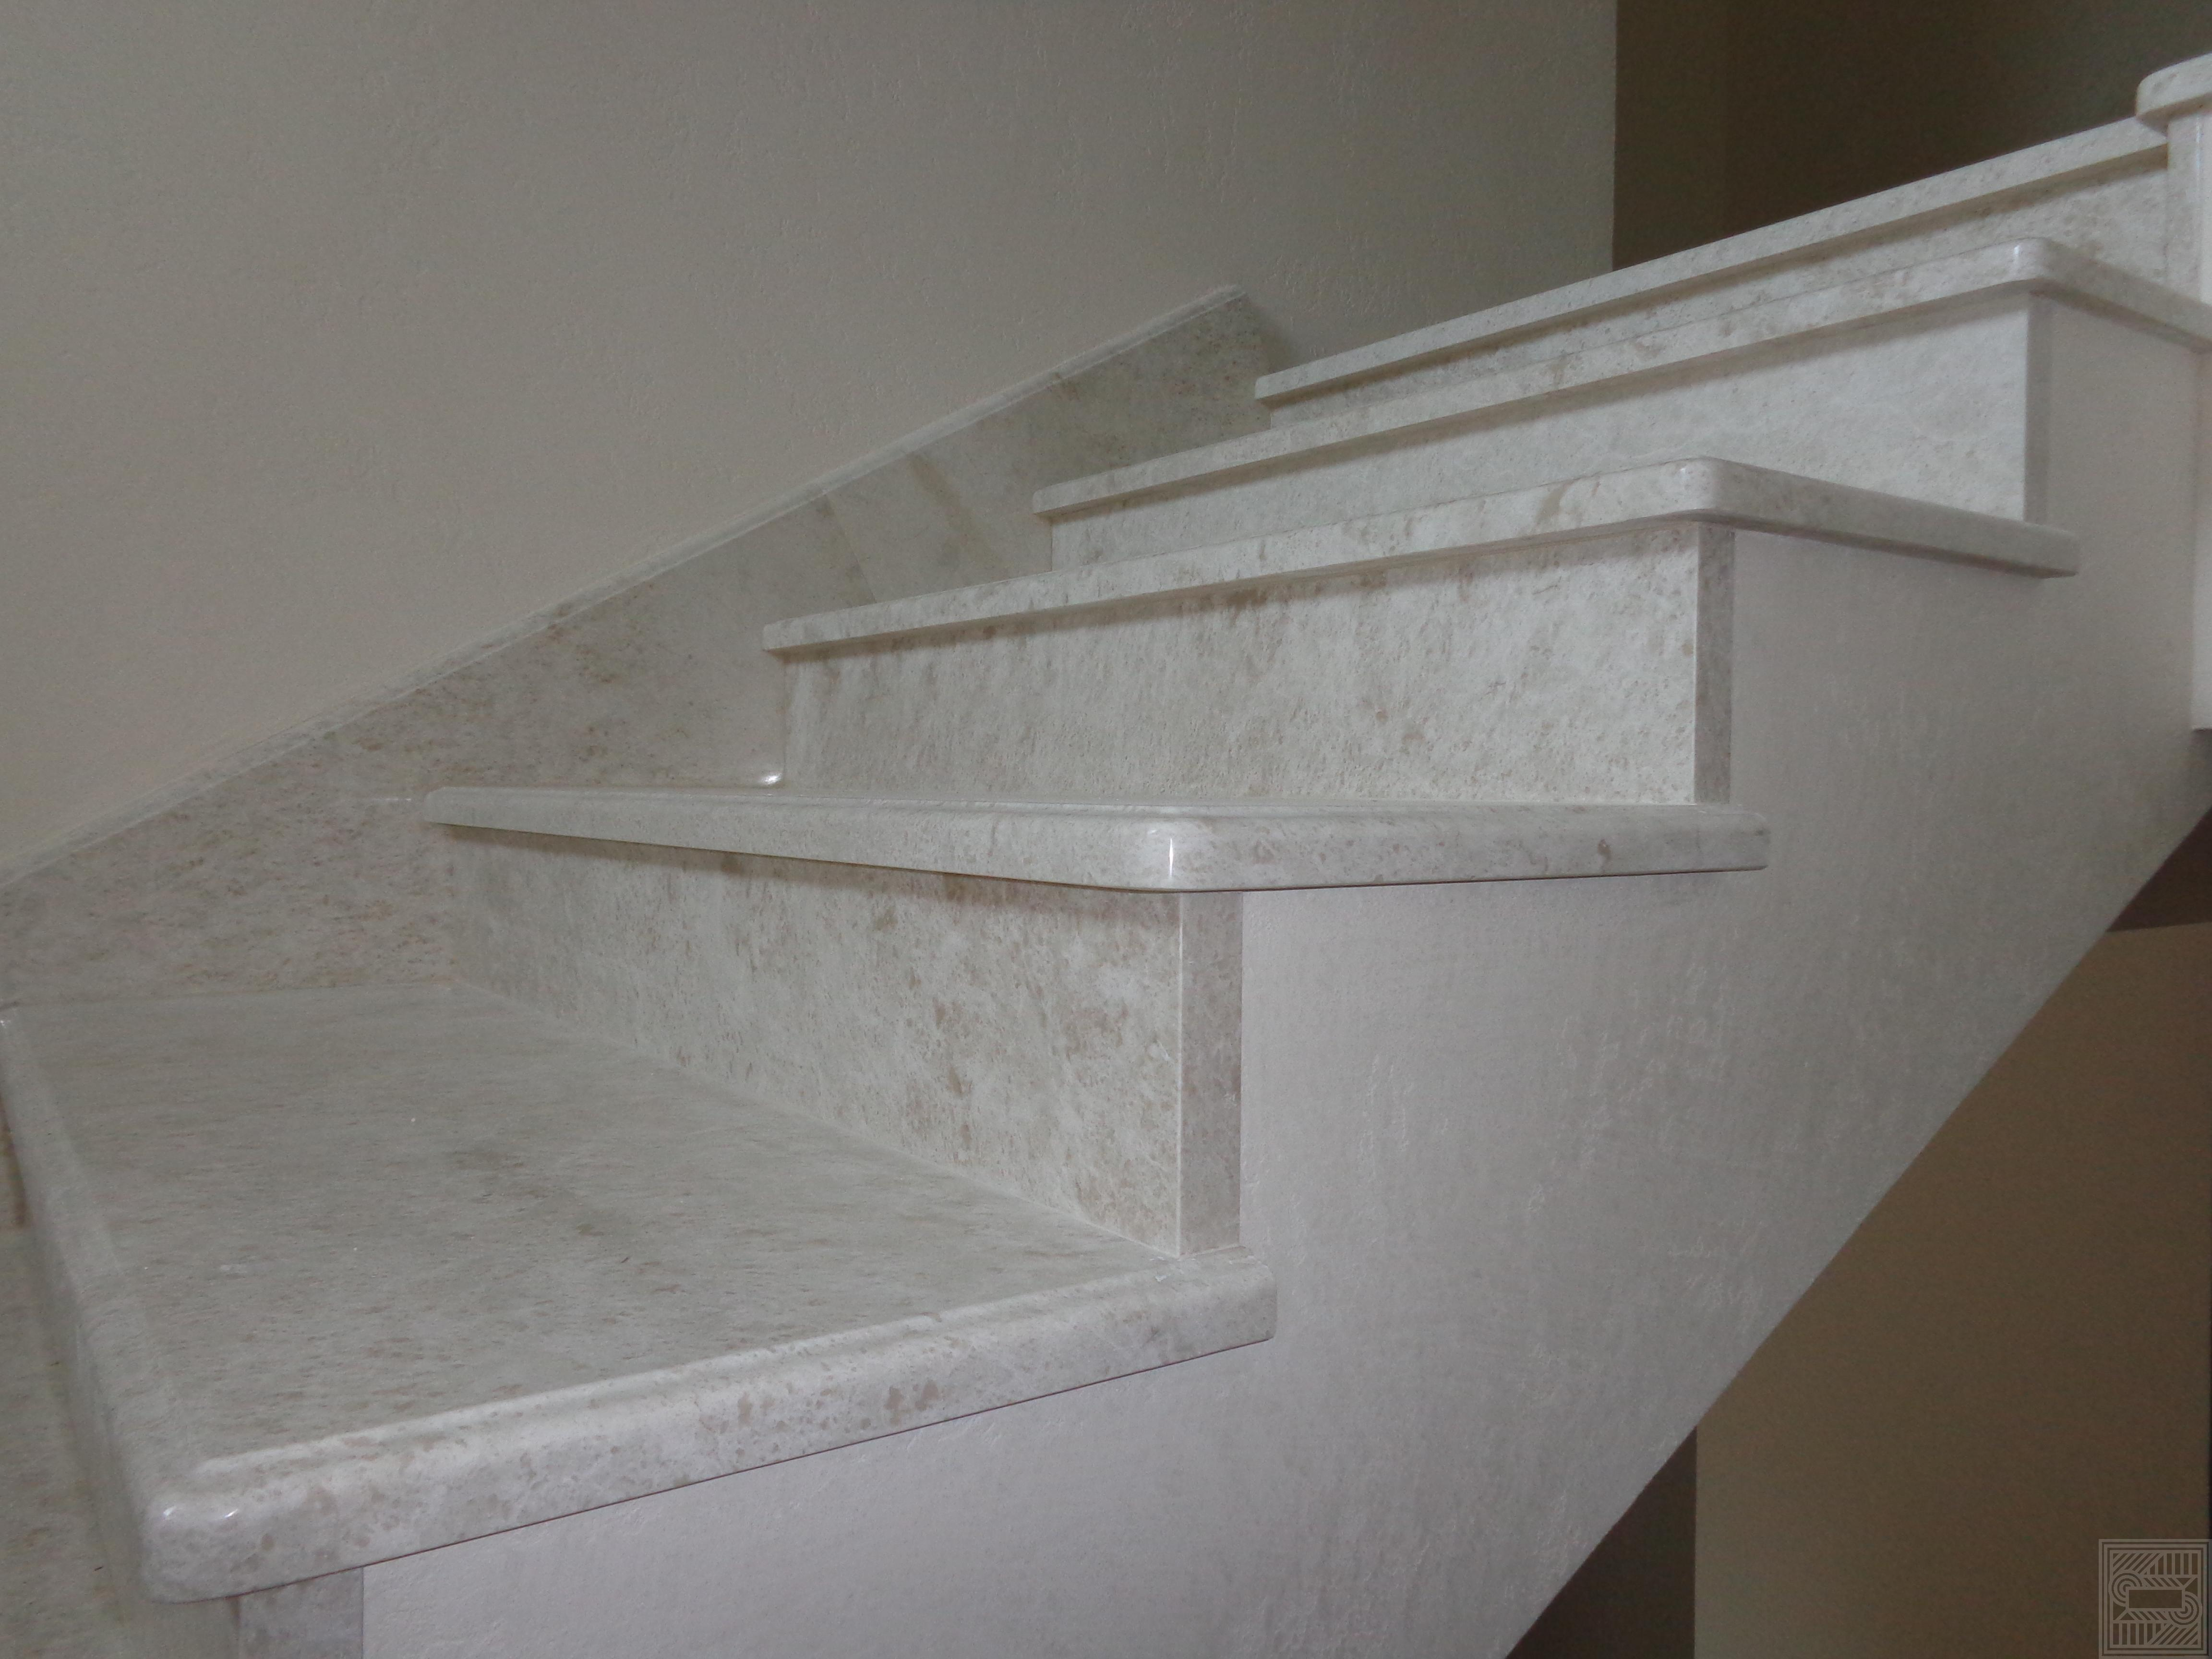 Лестница из мрамора Botticino Fiorito 20-30 мм stair-marble - Lestnitsa iz mramora Botticino Fiorito 20 30 mm